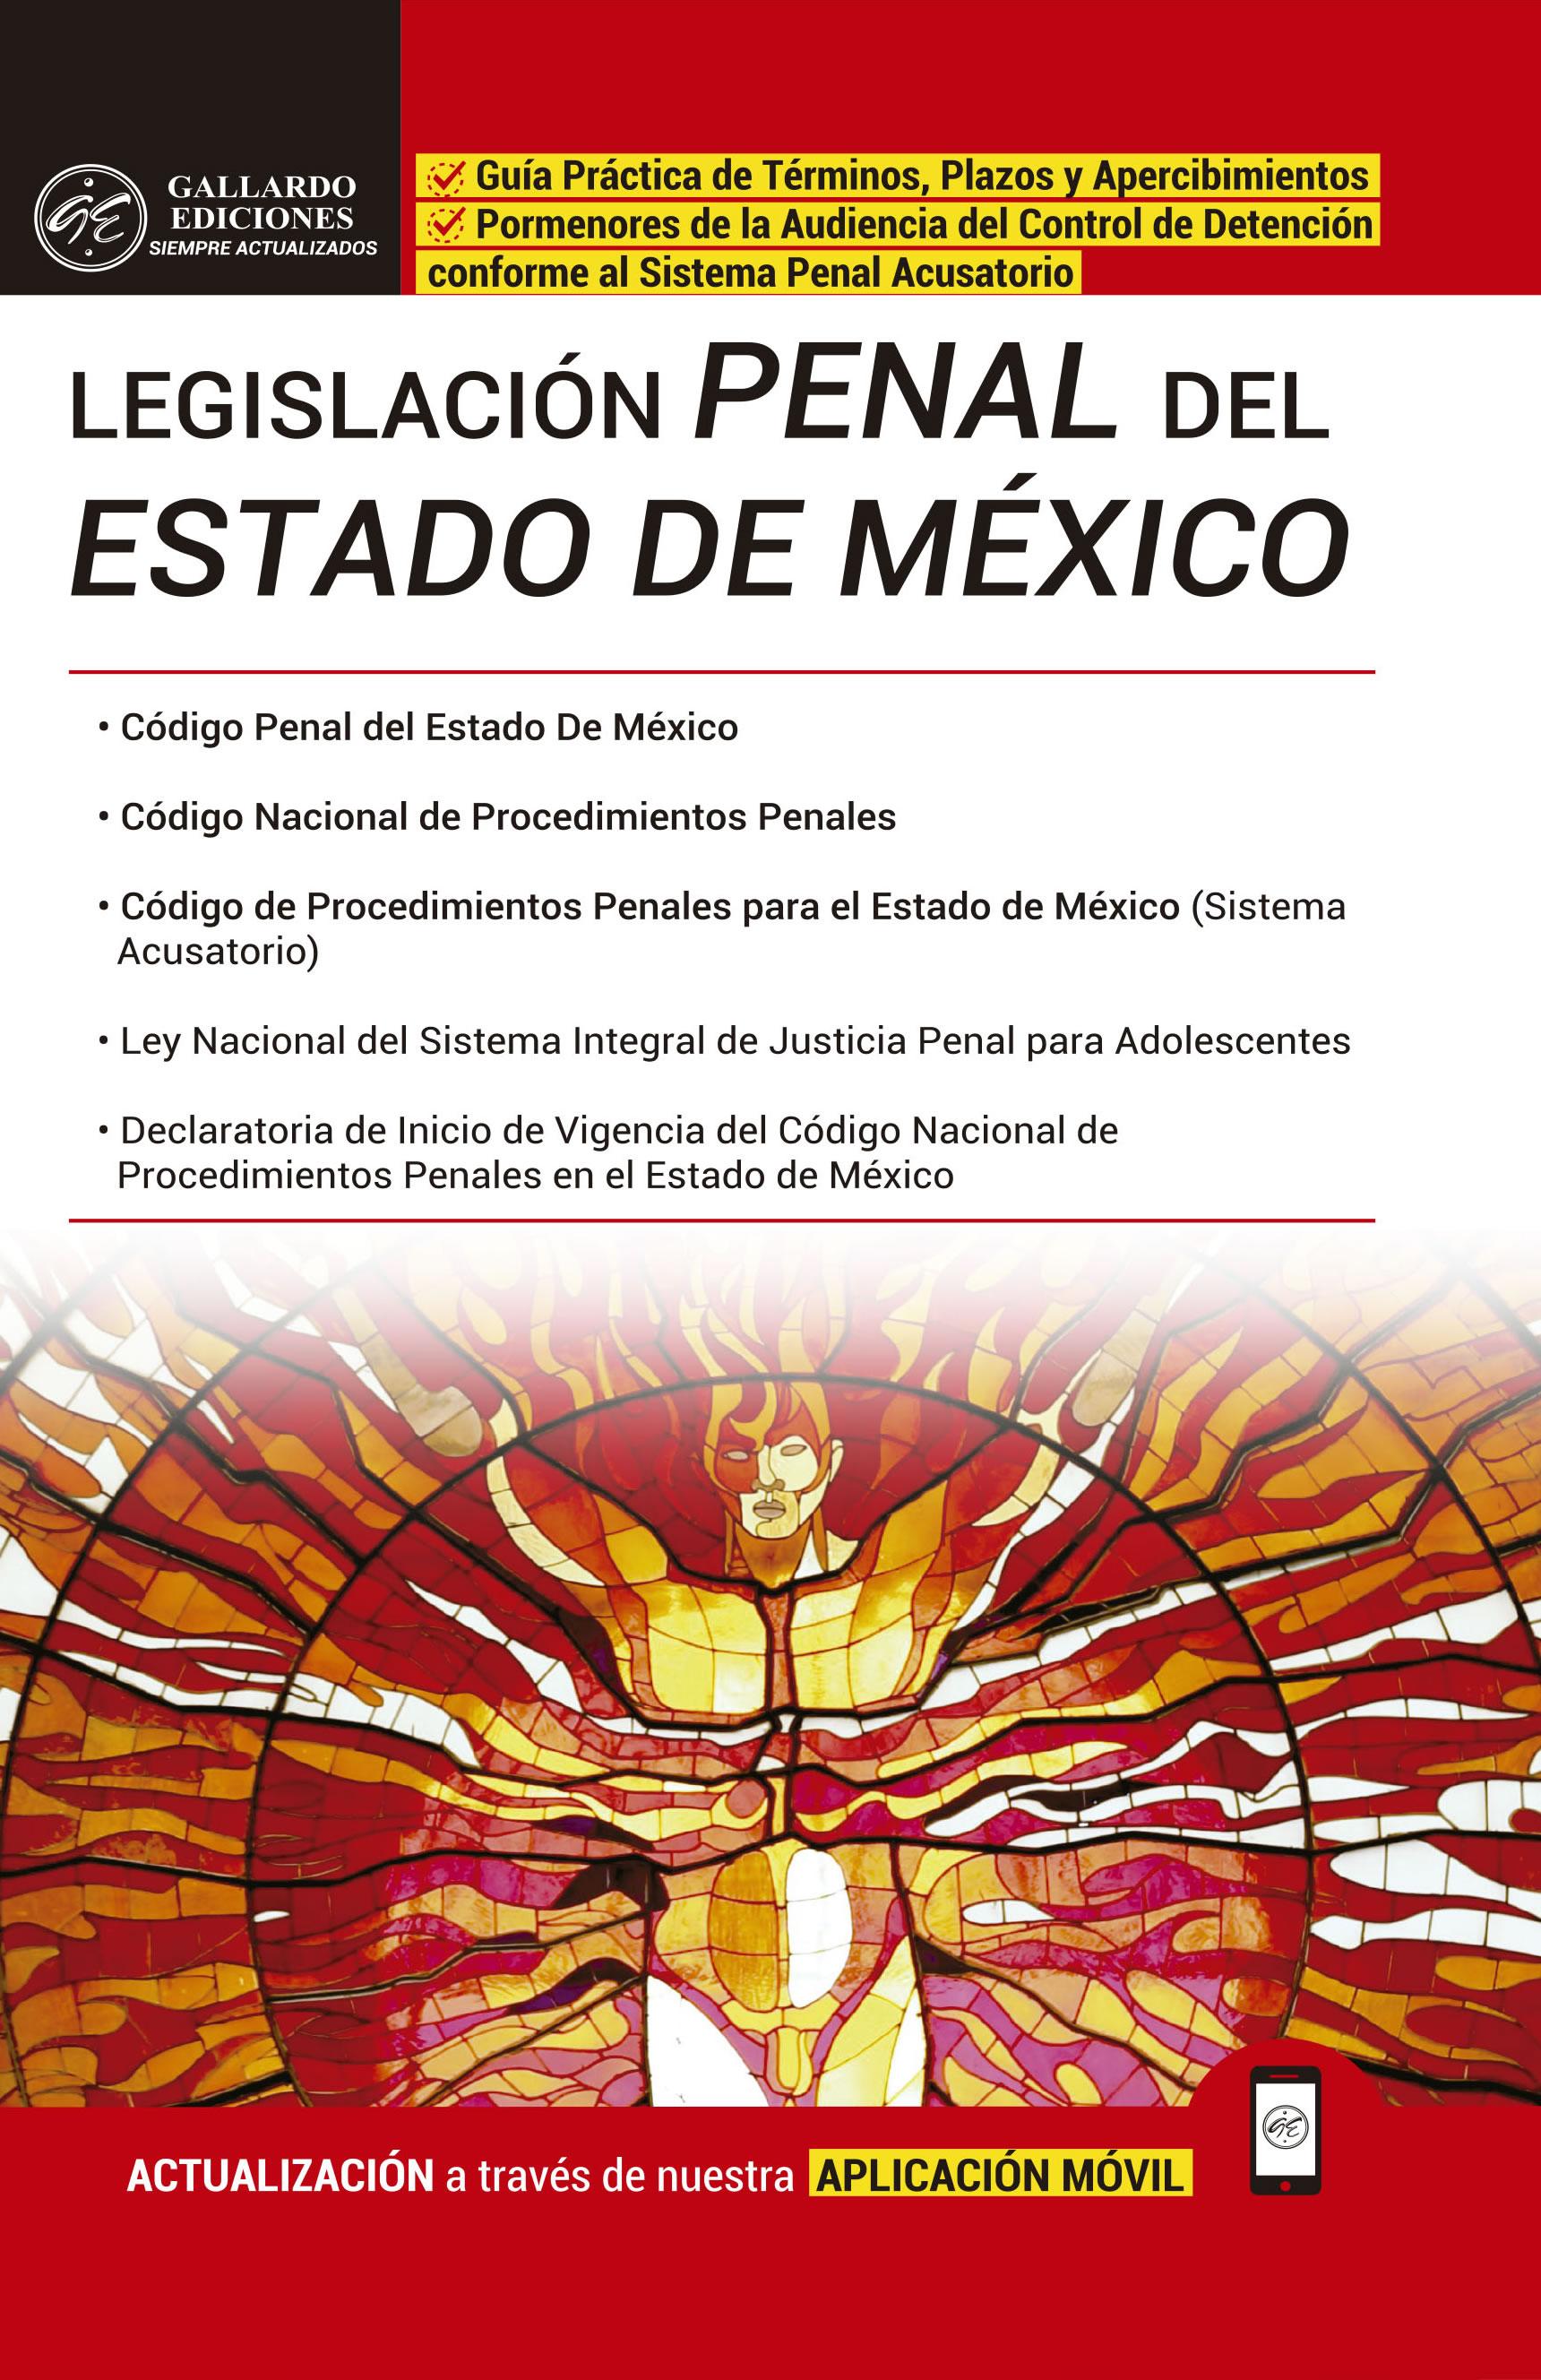 Legislación Penal del Estado de México 2018 PRO